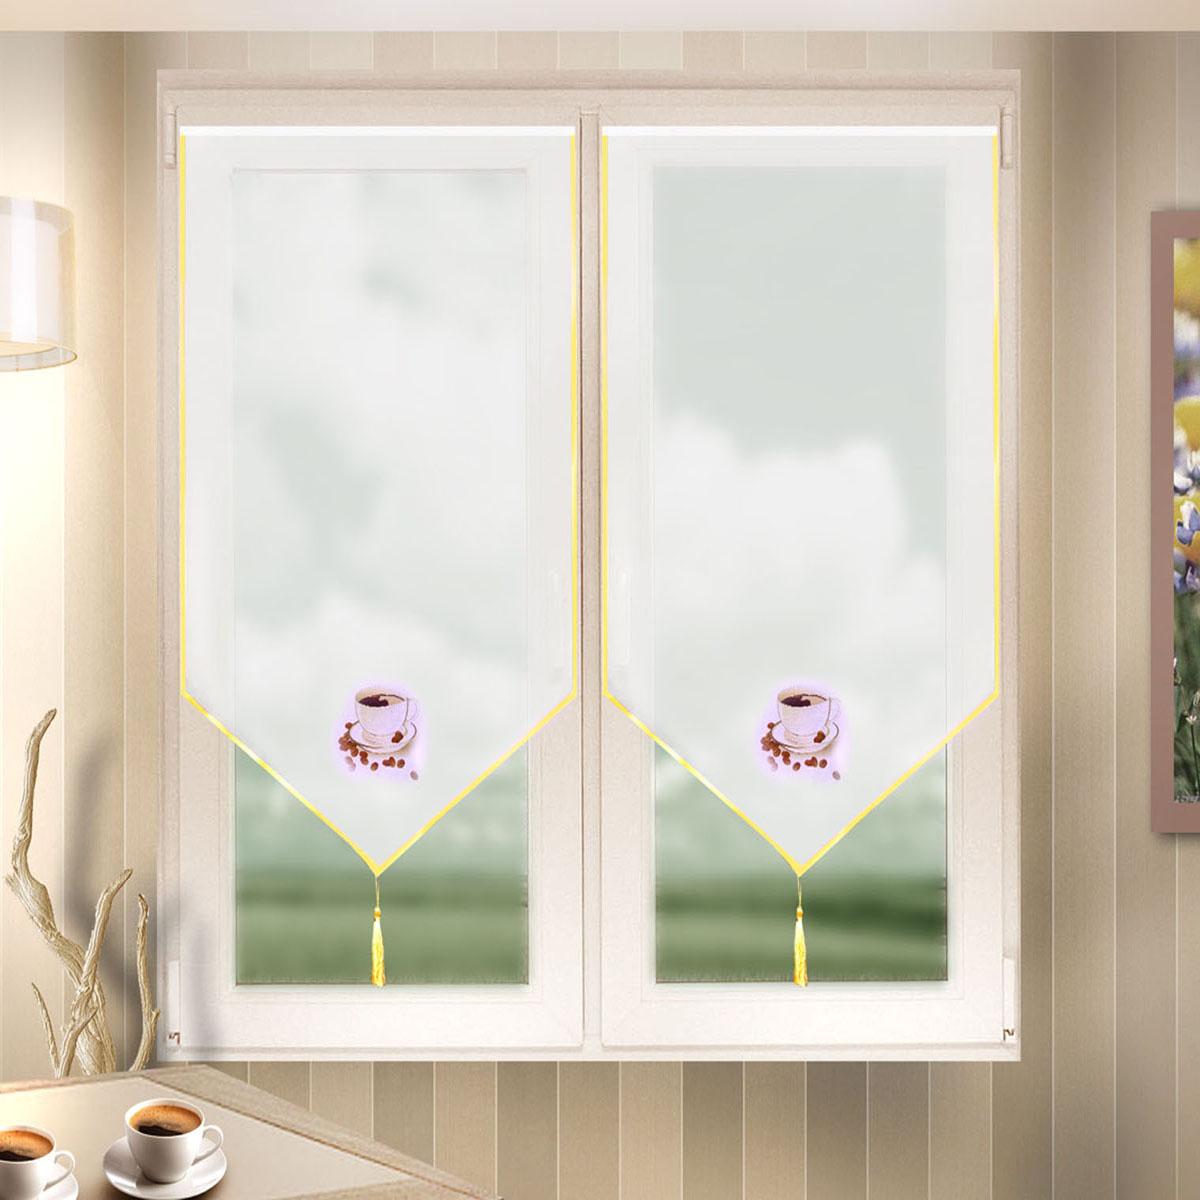 Гардина Zlata Korunka, цвет: белый, ширина 60 см, высота 140 см. 666023CLP446Лучшая альтернатива рулонным шторам на кухне – шторы на липкой ленте. Особенность этих штор заключается в том, что они имеют липкую основу в месте крепления . Лента или основа надежно и быстро крепится на раму окна, а на нее фиксируется сама штора.Размеры: ширина 60* высота 140